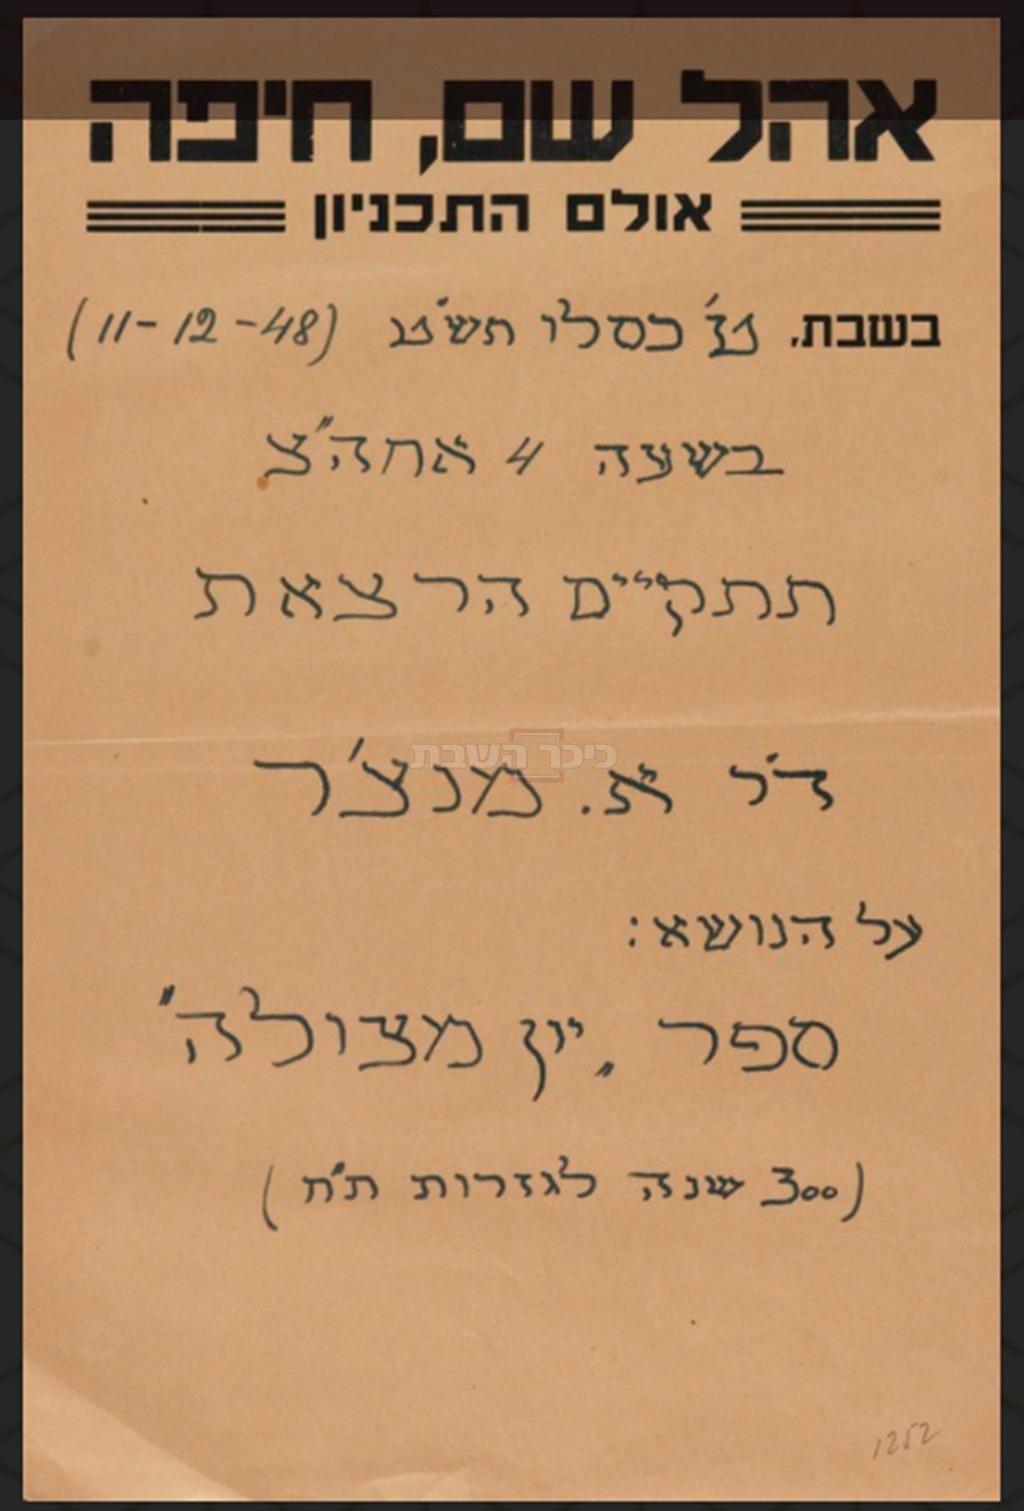 הרצאה על ספר יון מצולה בשנת תש''ט (1949) בחיפה (באדיבות הספריה הלאומית)